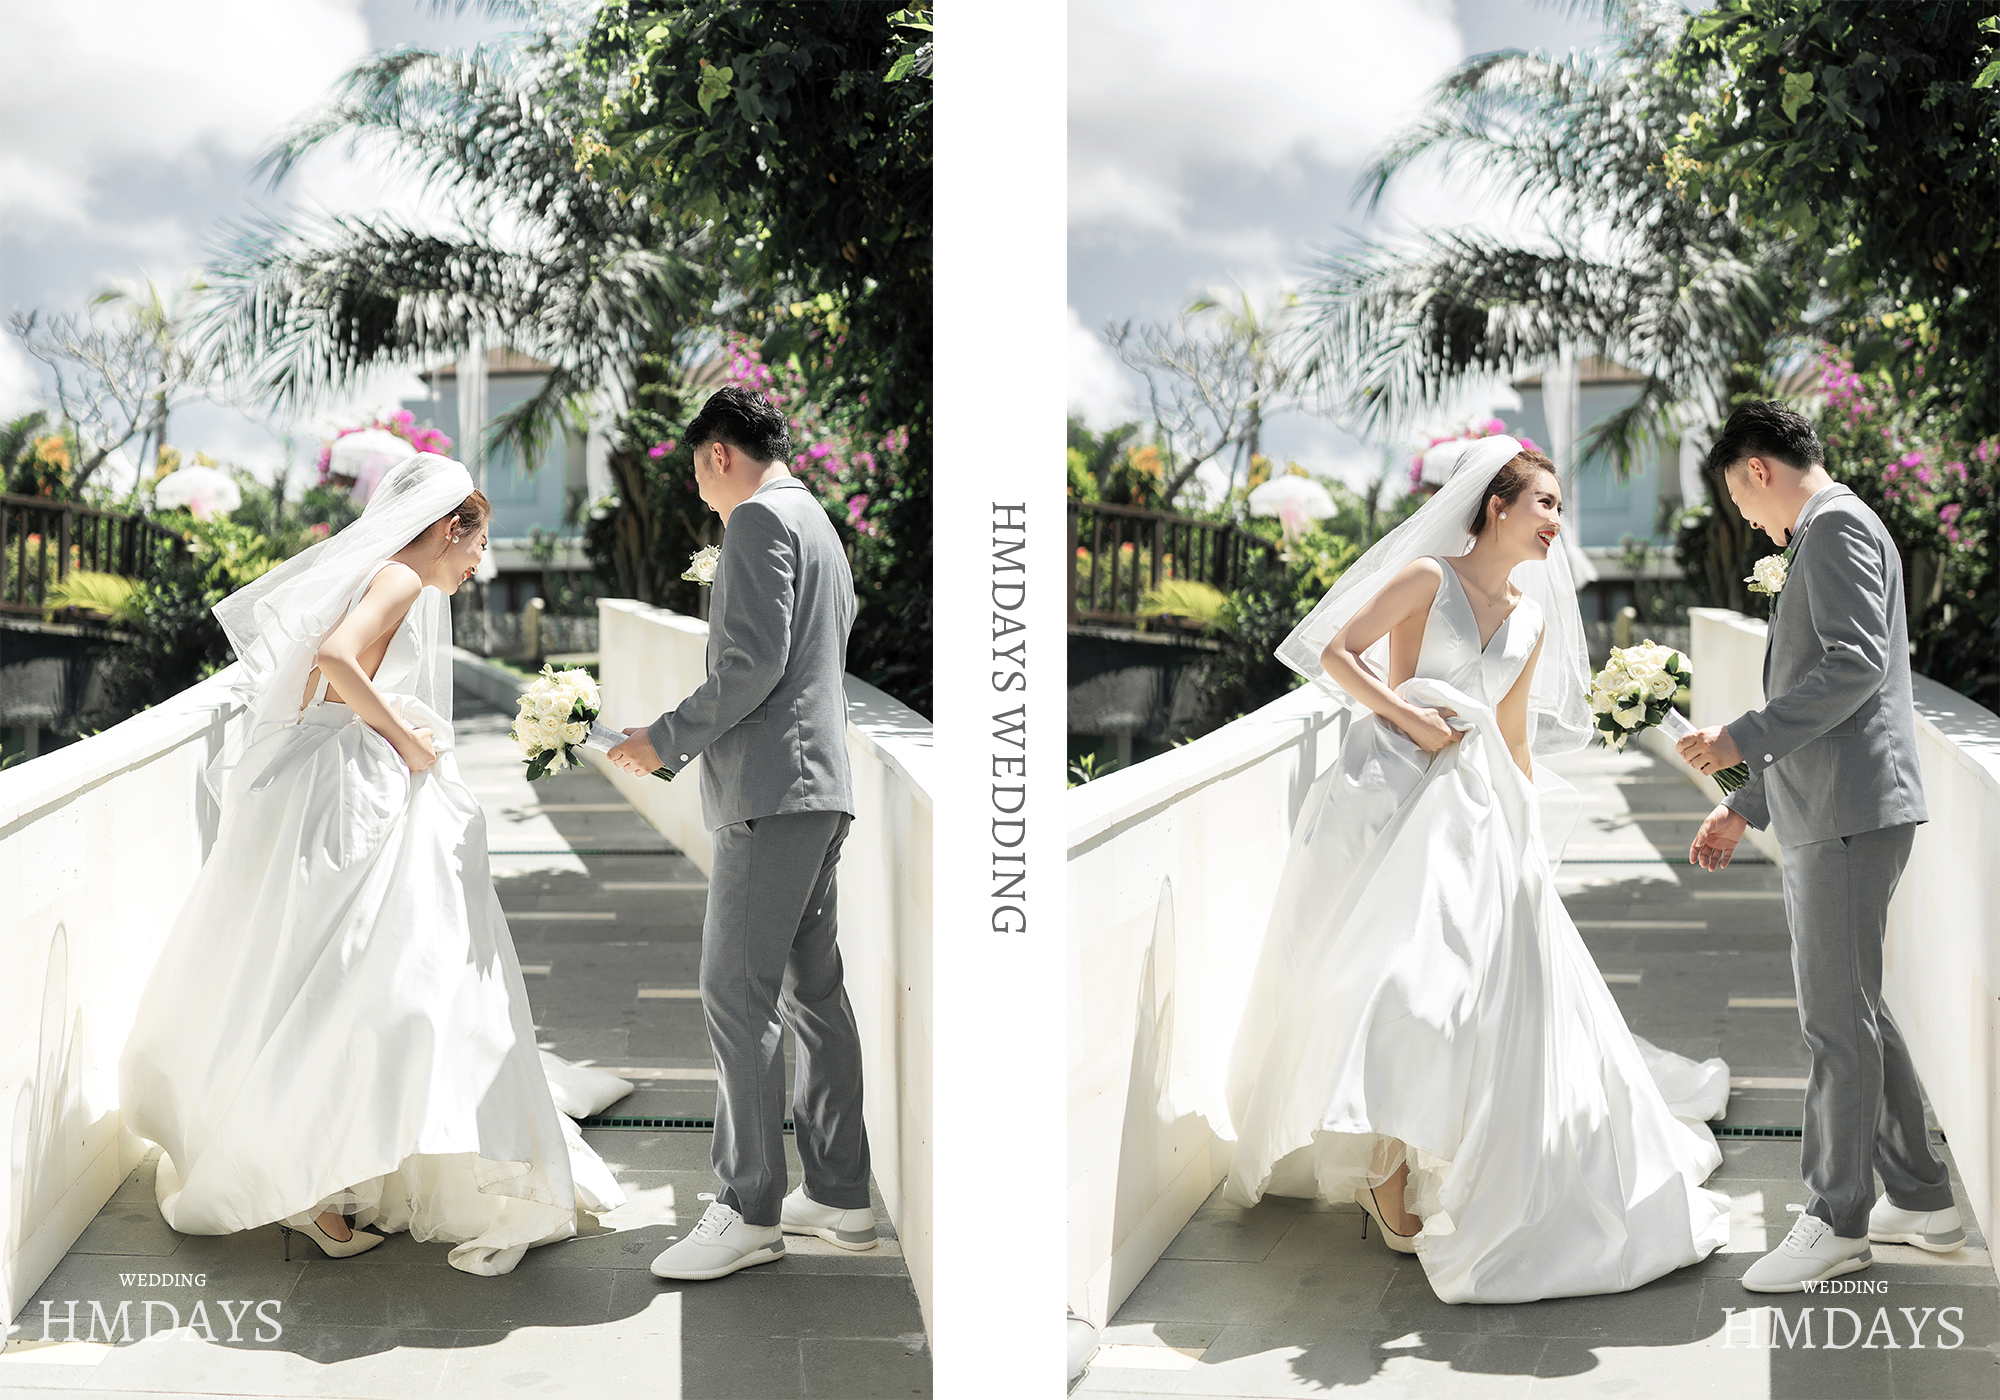 巴厘岛珍珠教堂婚礼|海外婚礼|海外婚纱摄影|照片